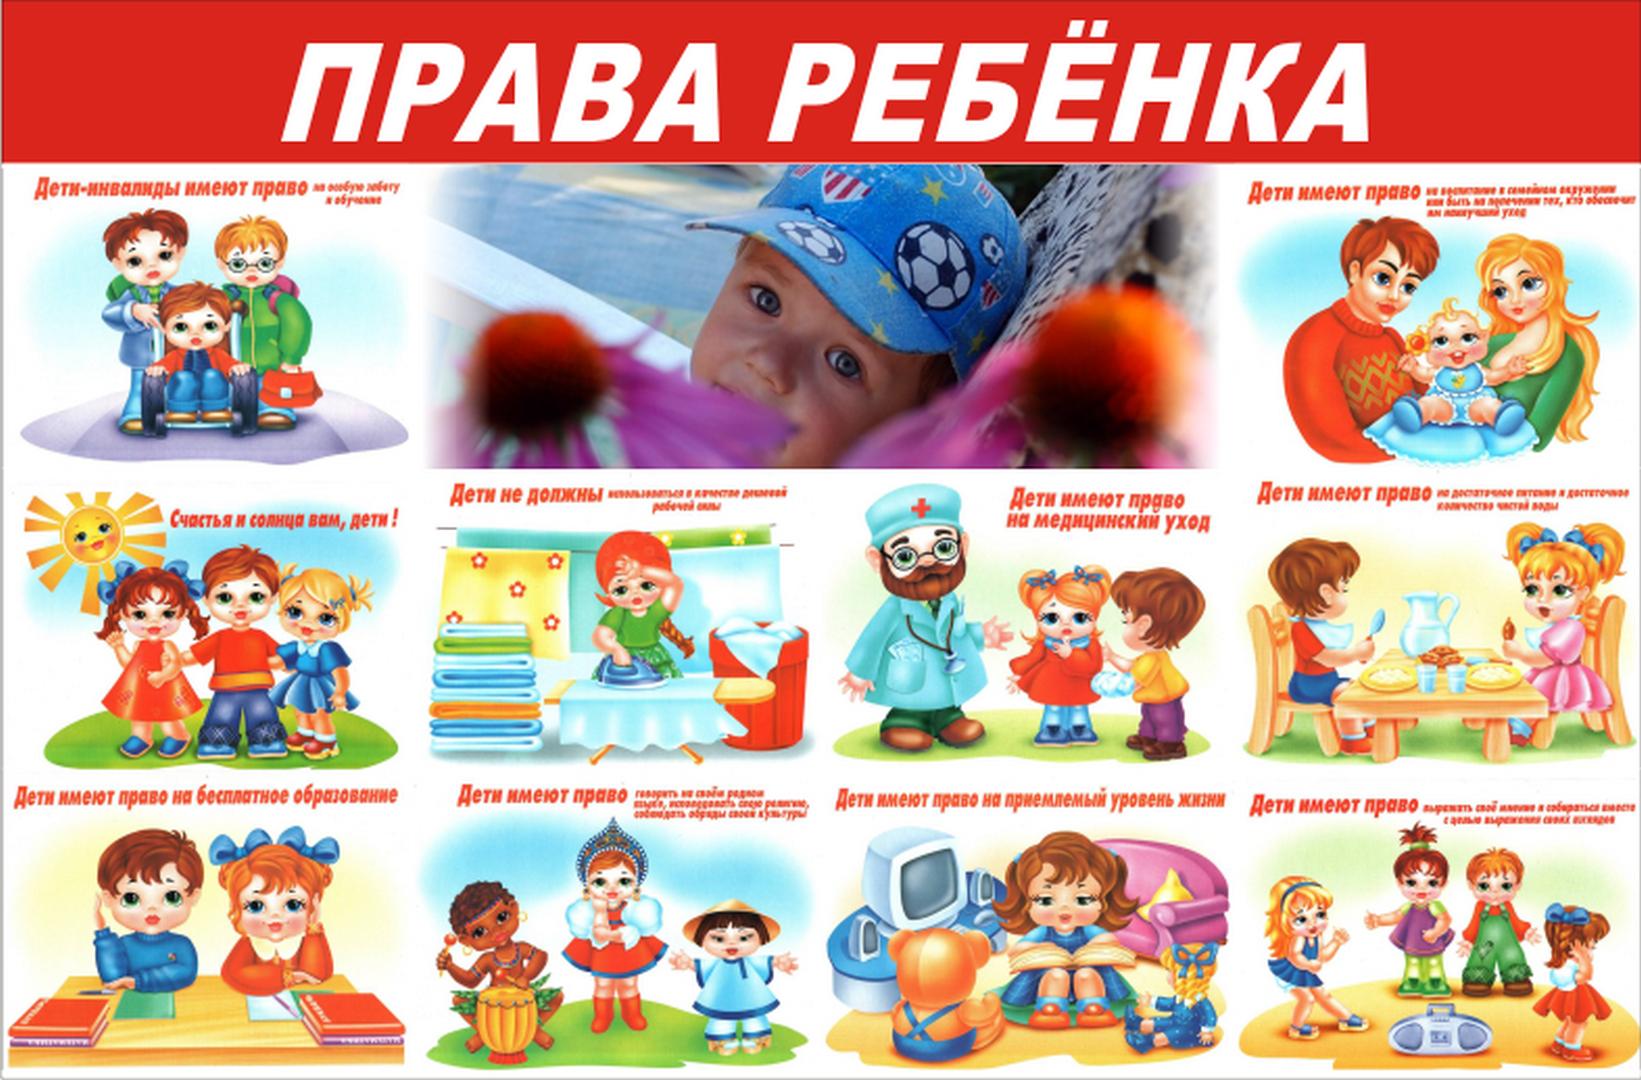 Все права ребенка в картинках